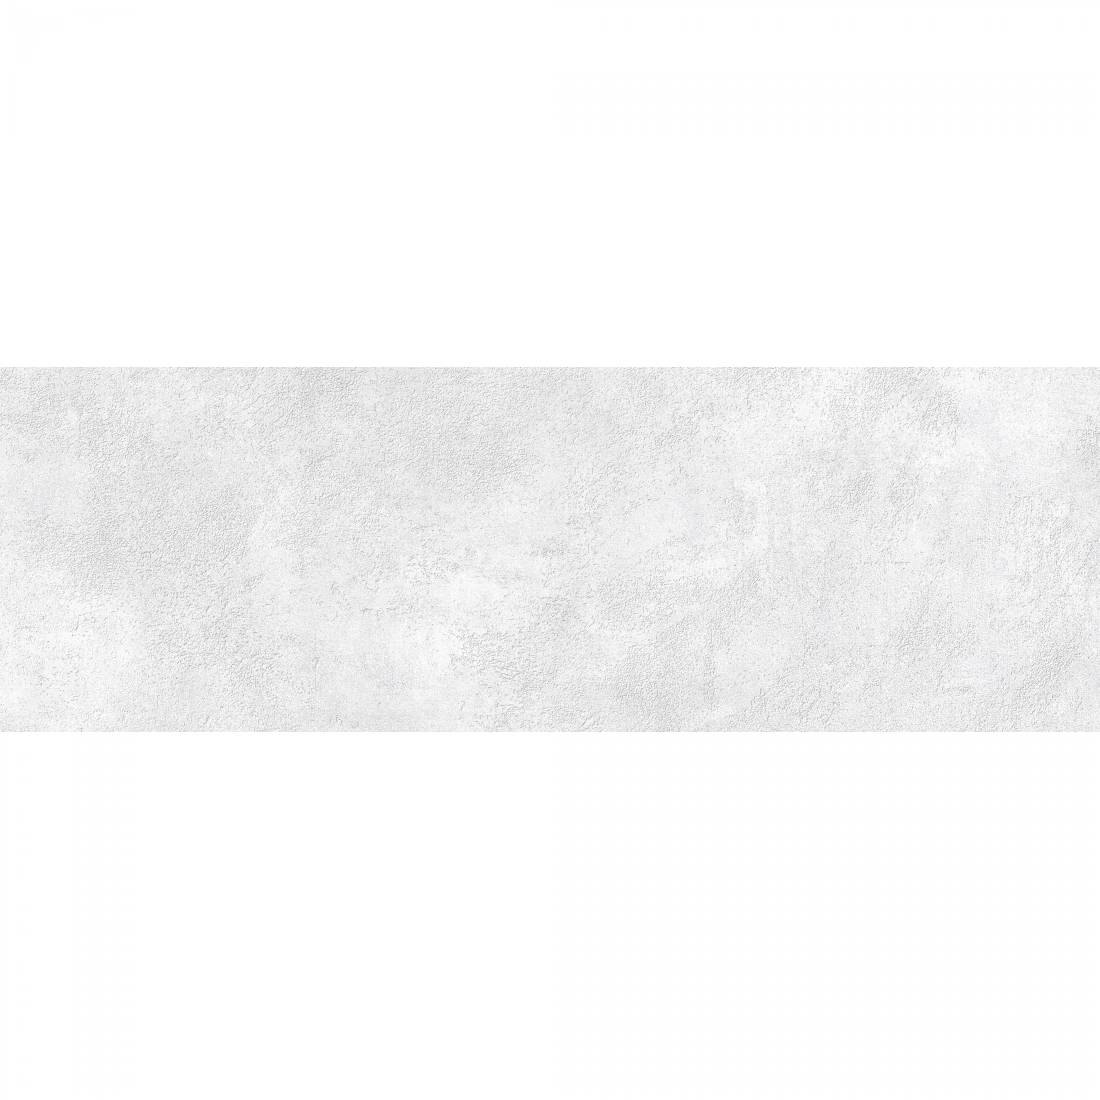 Land 20x60 White Matt 1